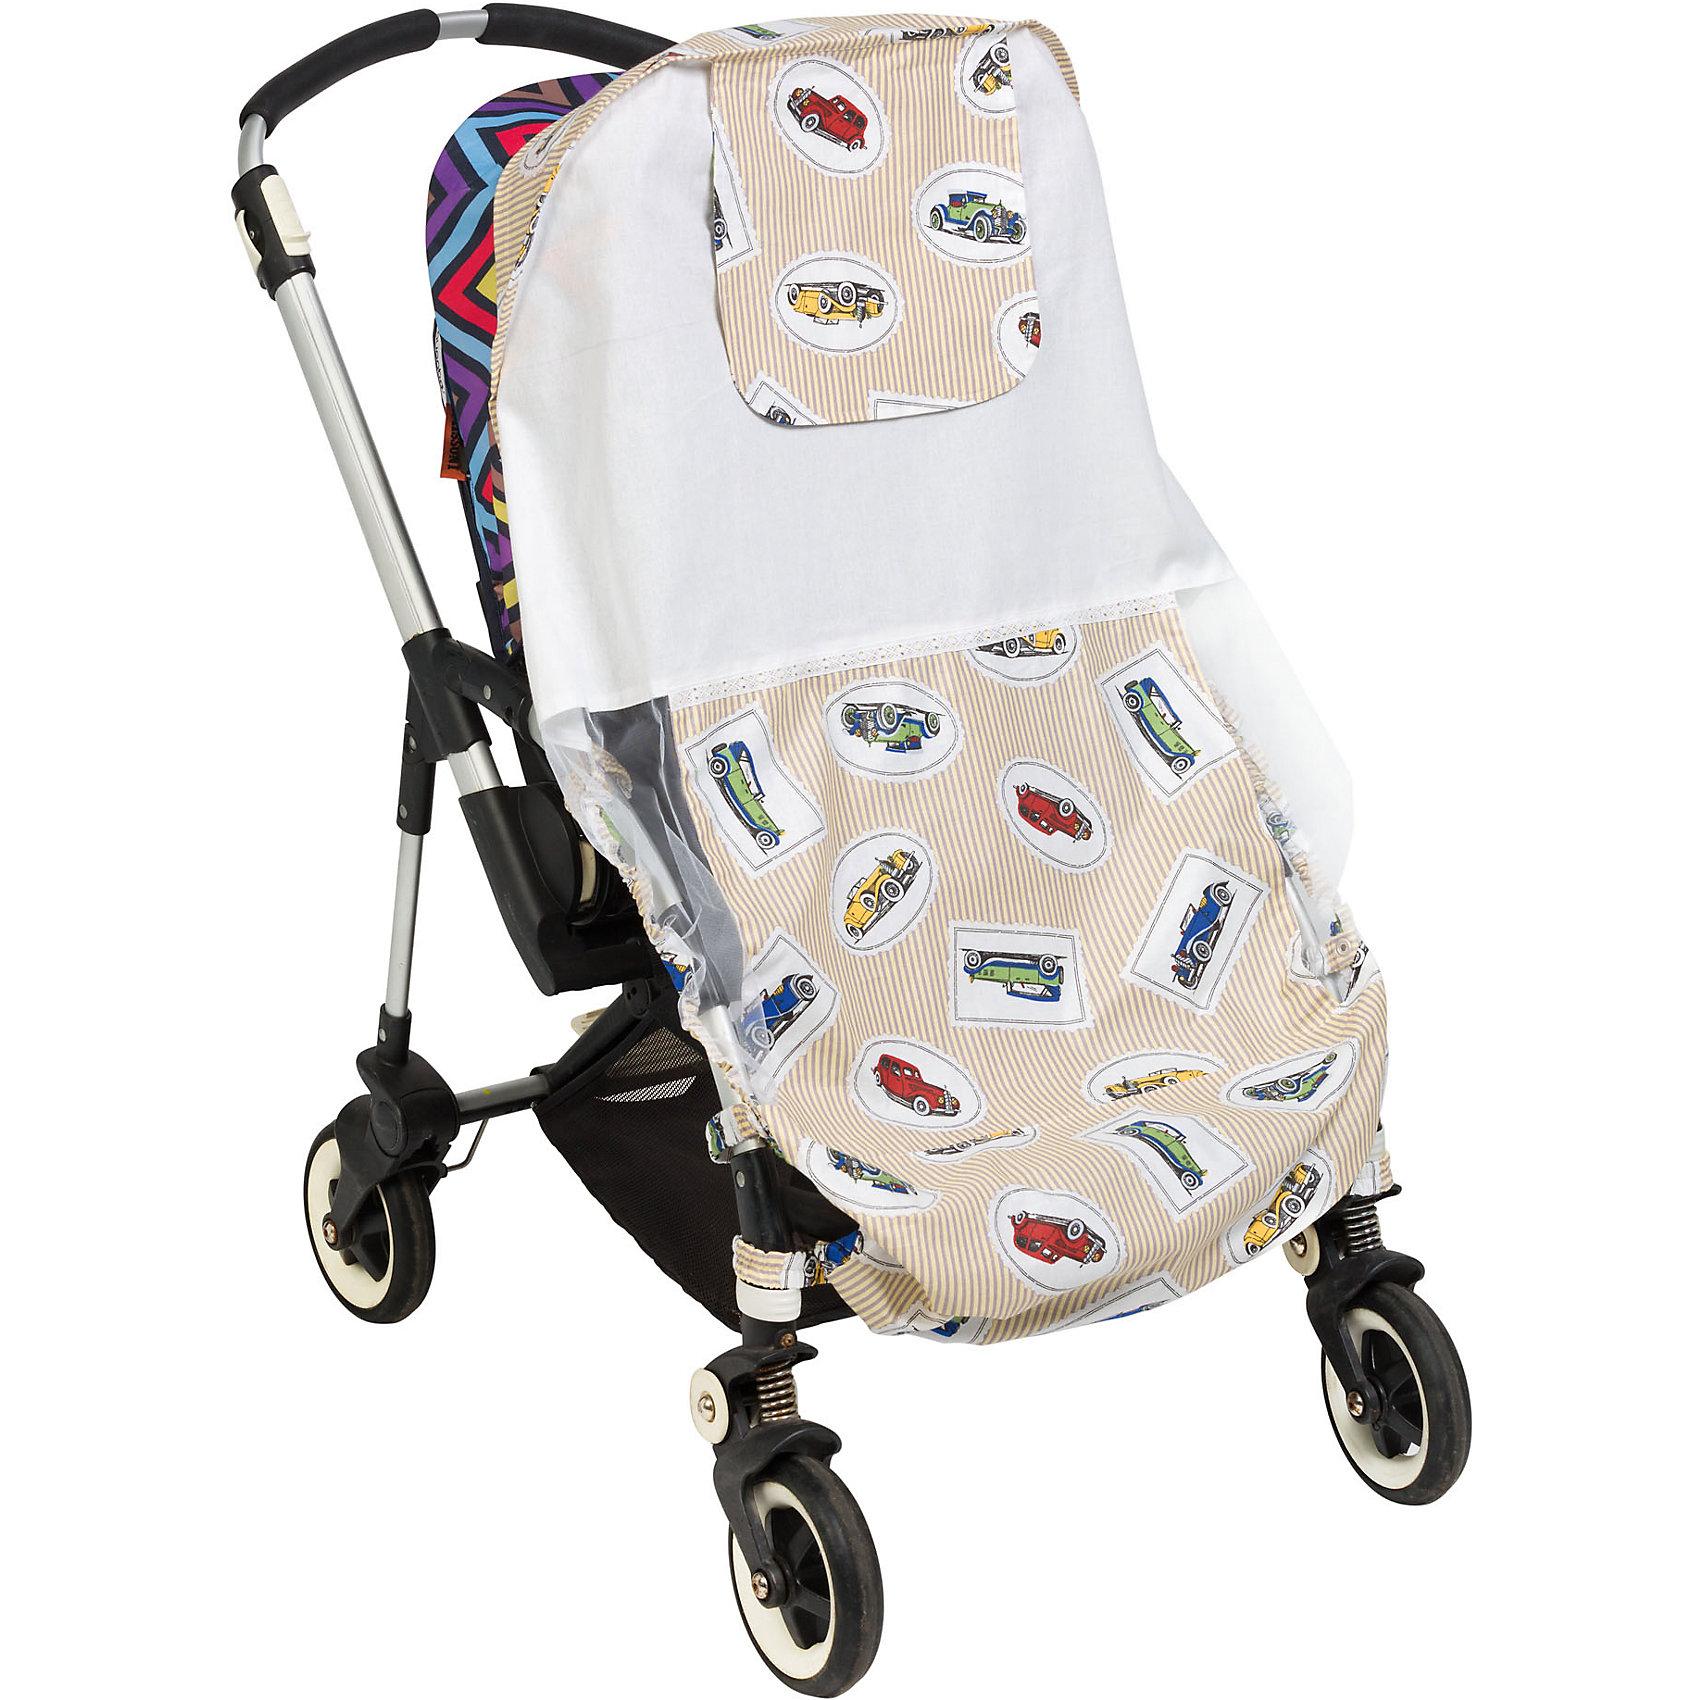 Тент солнцезащитный  для коляски Mammie, машинкиАксессуары для колясок<br>Mammie16-11016 Солнцезащитный тент для коляски - машинки<br><br>Ширина мм: 200<br>Глубина мм: 300<br>Высота мм: 50<br>Вес г: 100<br>Возраст от месяцев: 0<br>Возраст до месяцев: 60<br>Пол: Унисекс<br>Возраст: Детский<br>SKU: 5613236